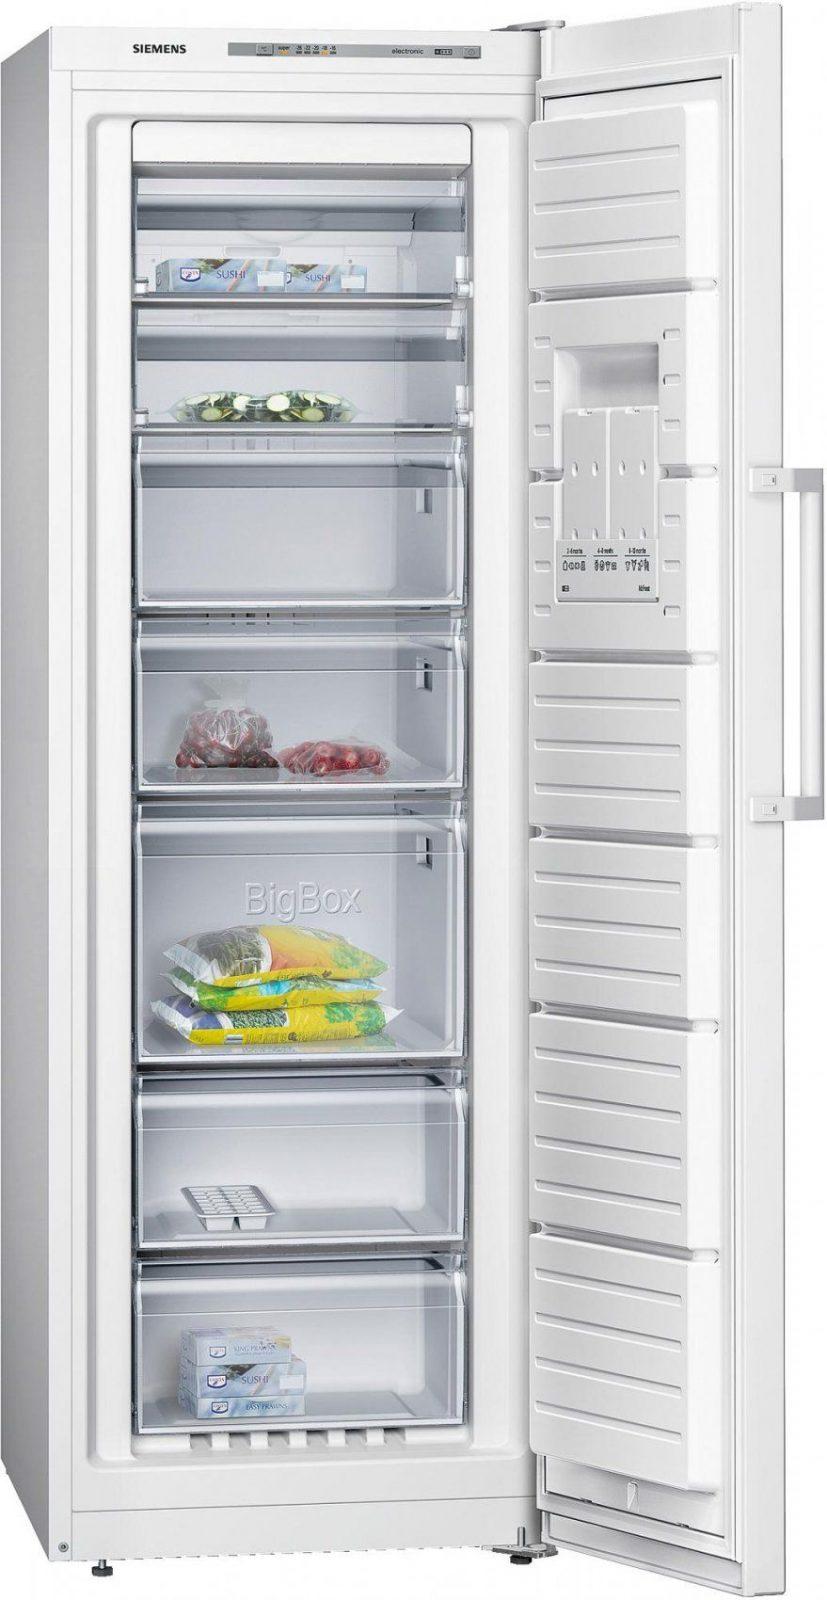 Siemens Gs33Nvw30 A++ Gefrierschrank Weiß 60 Cm Breit Nofrost von Gefrierschrank Silber 85 Cm Bild